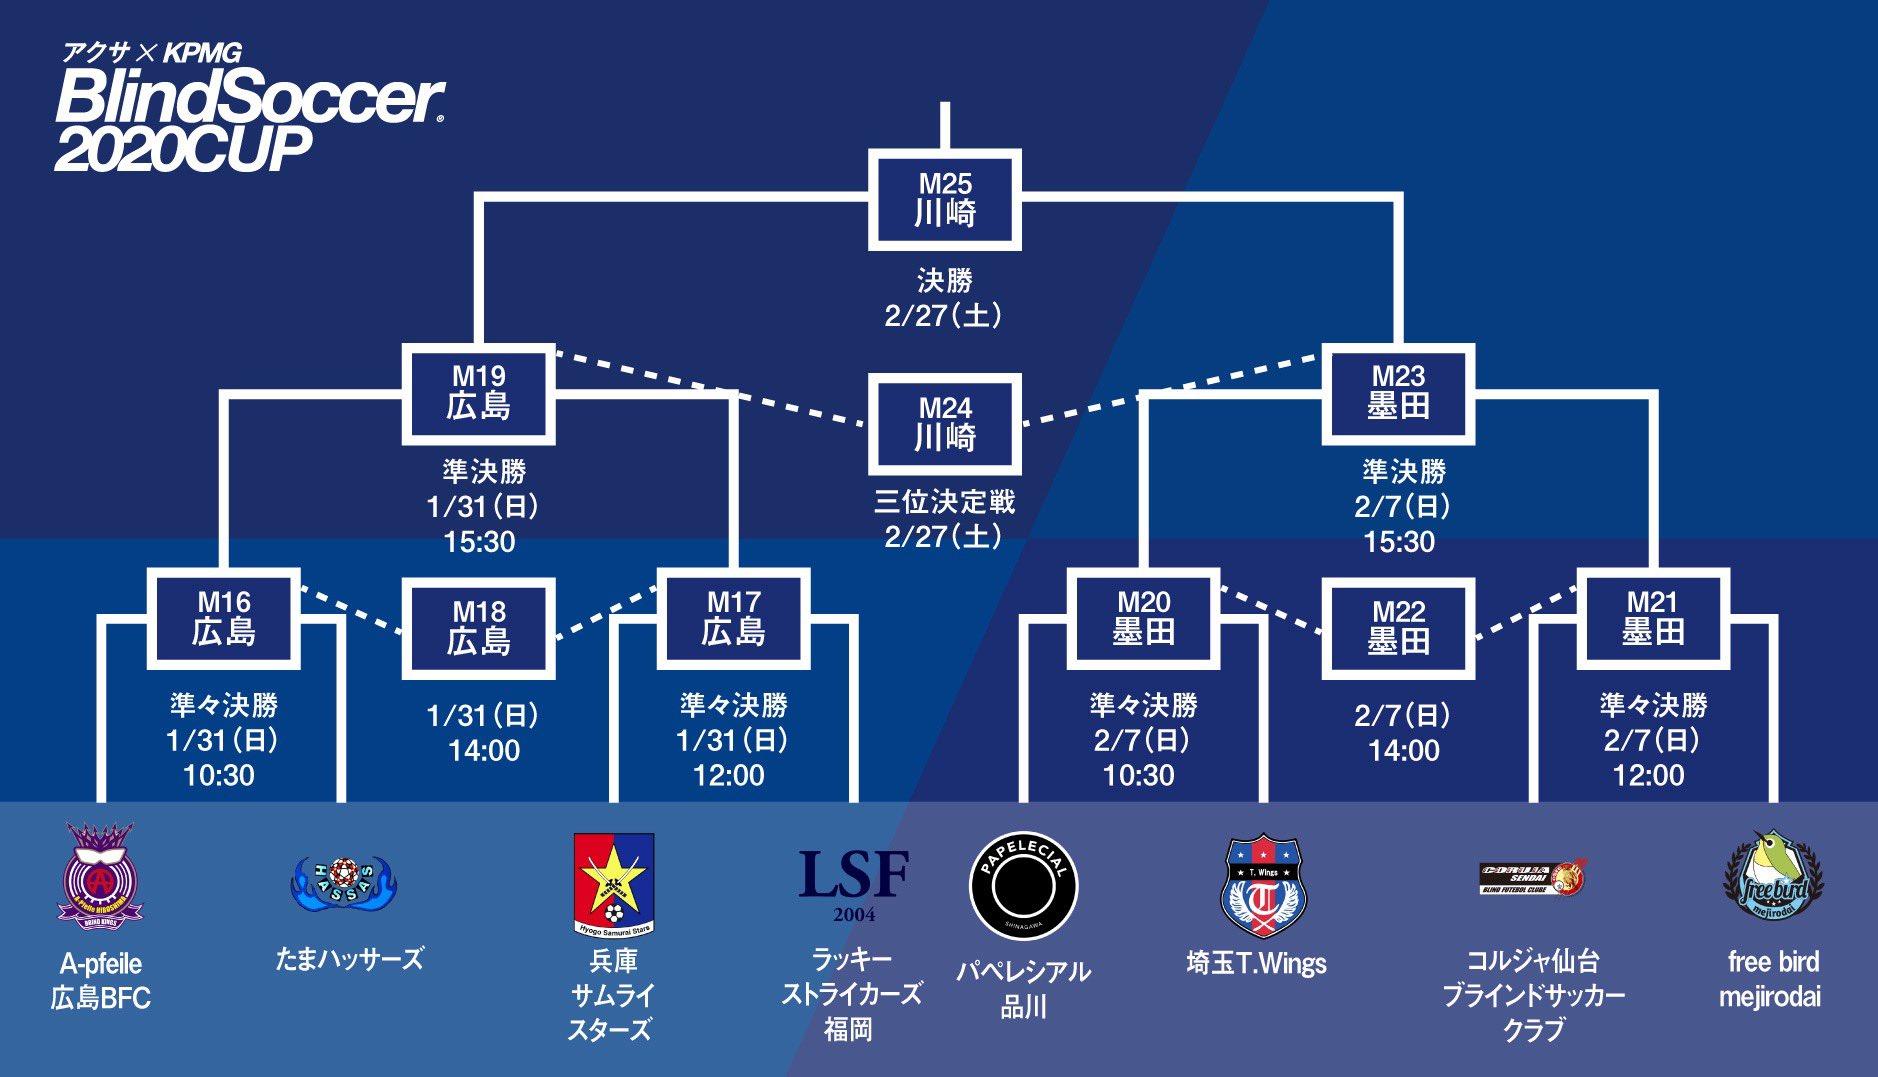 アクサ×KPMG ブラインドサッカー2020カップ準決勝ラウンドの対戦組み合わせ決定